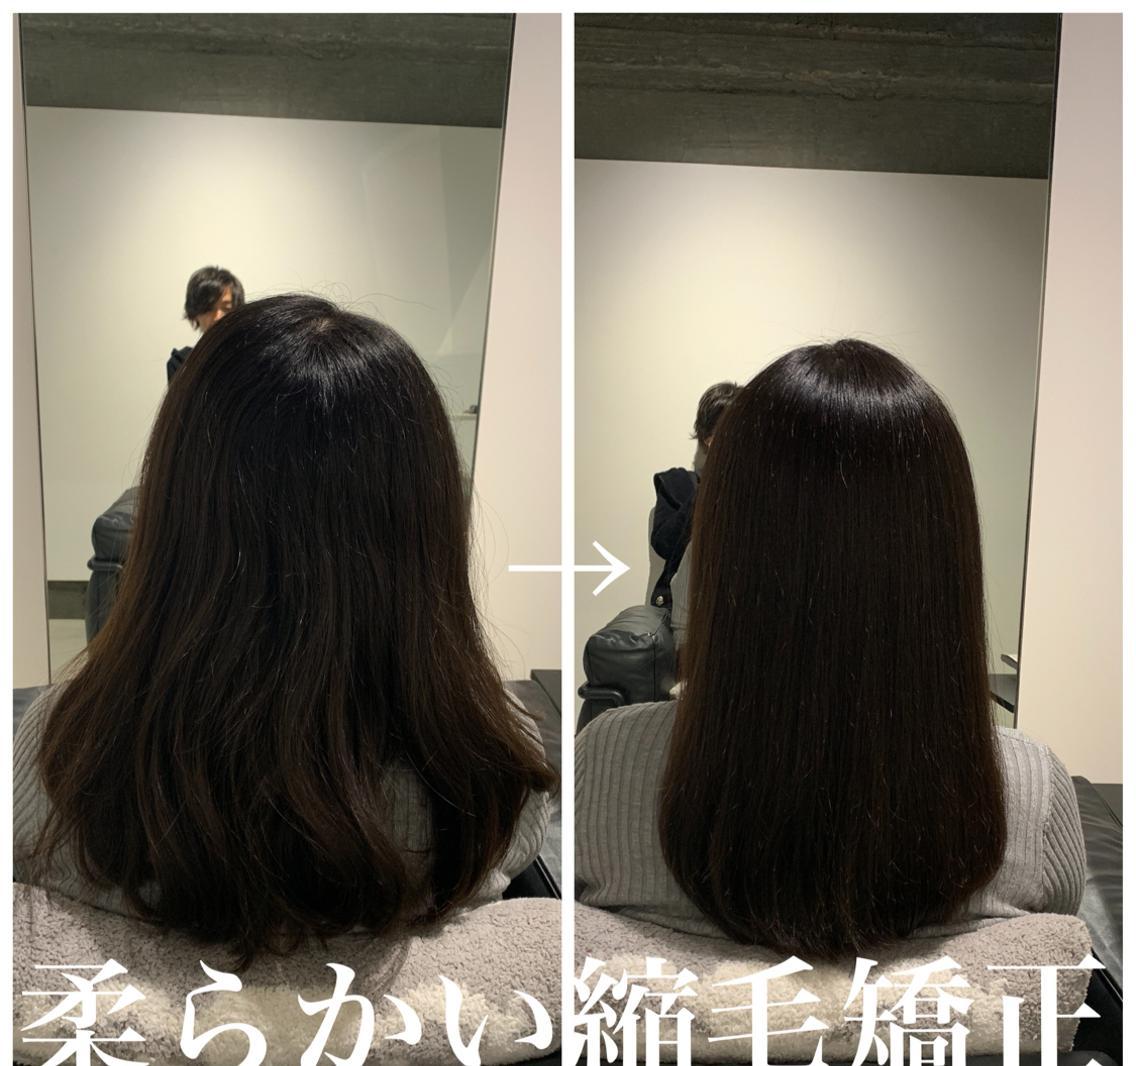 【柔らかい縮毛矯正と髪質改善のプロ】クセや髪質でお悩みで、本気で髪質を改善していきたい方。